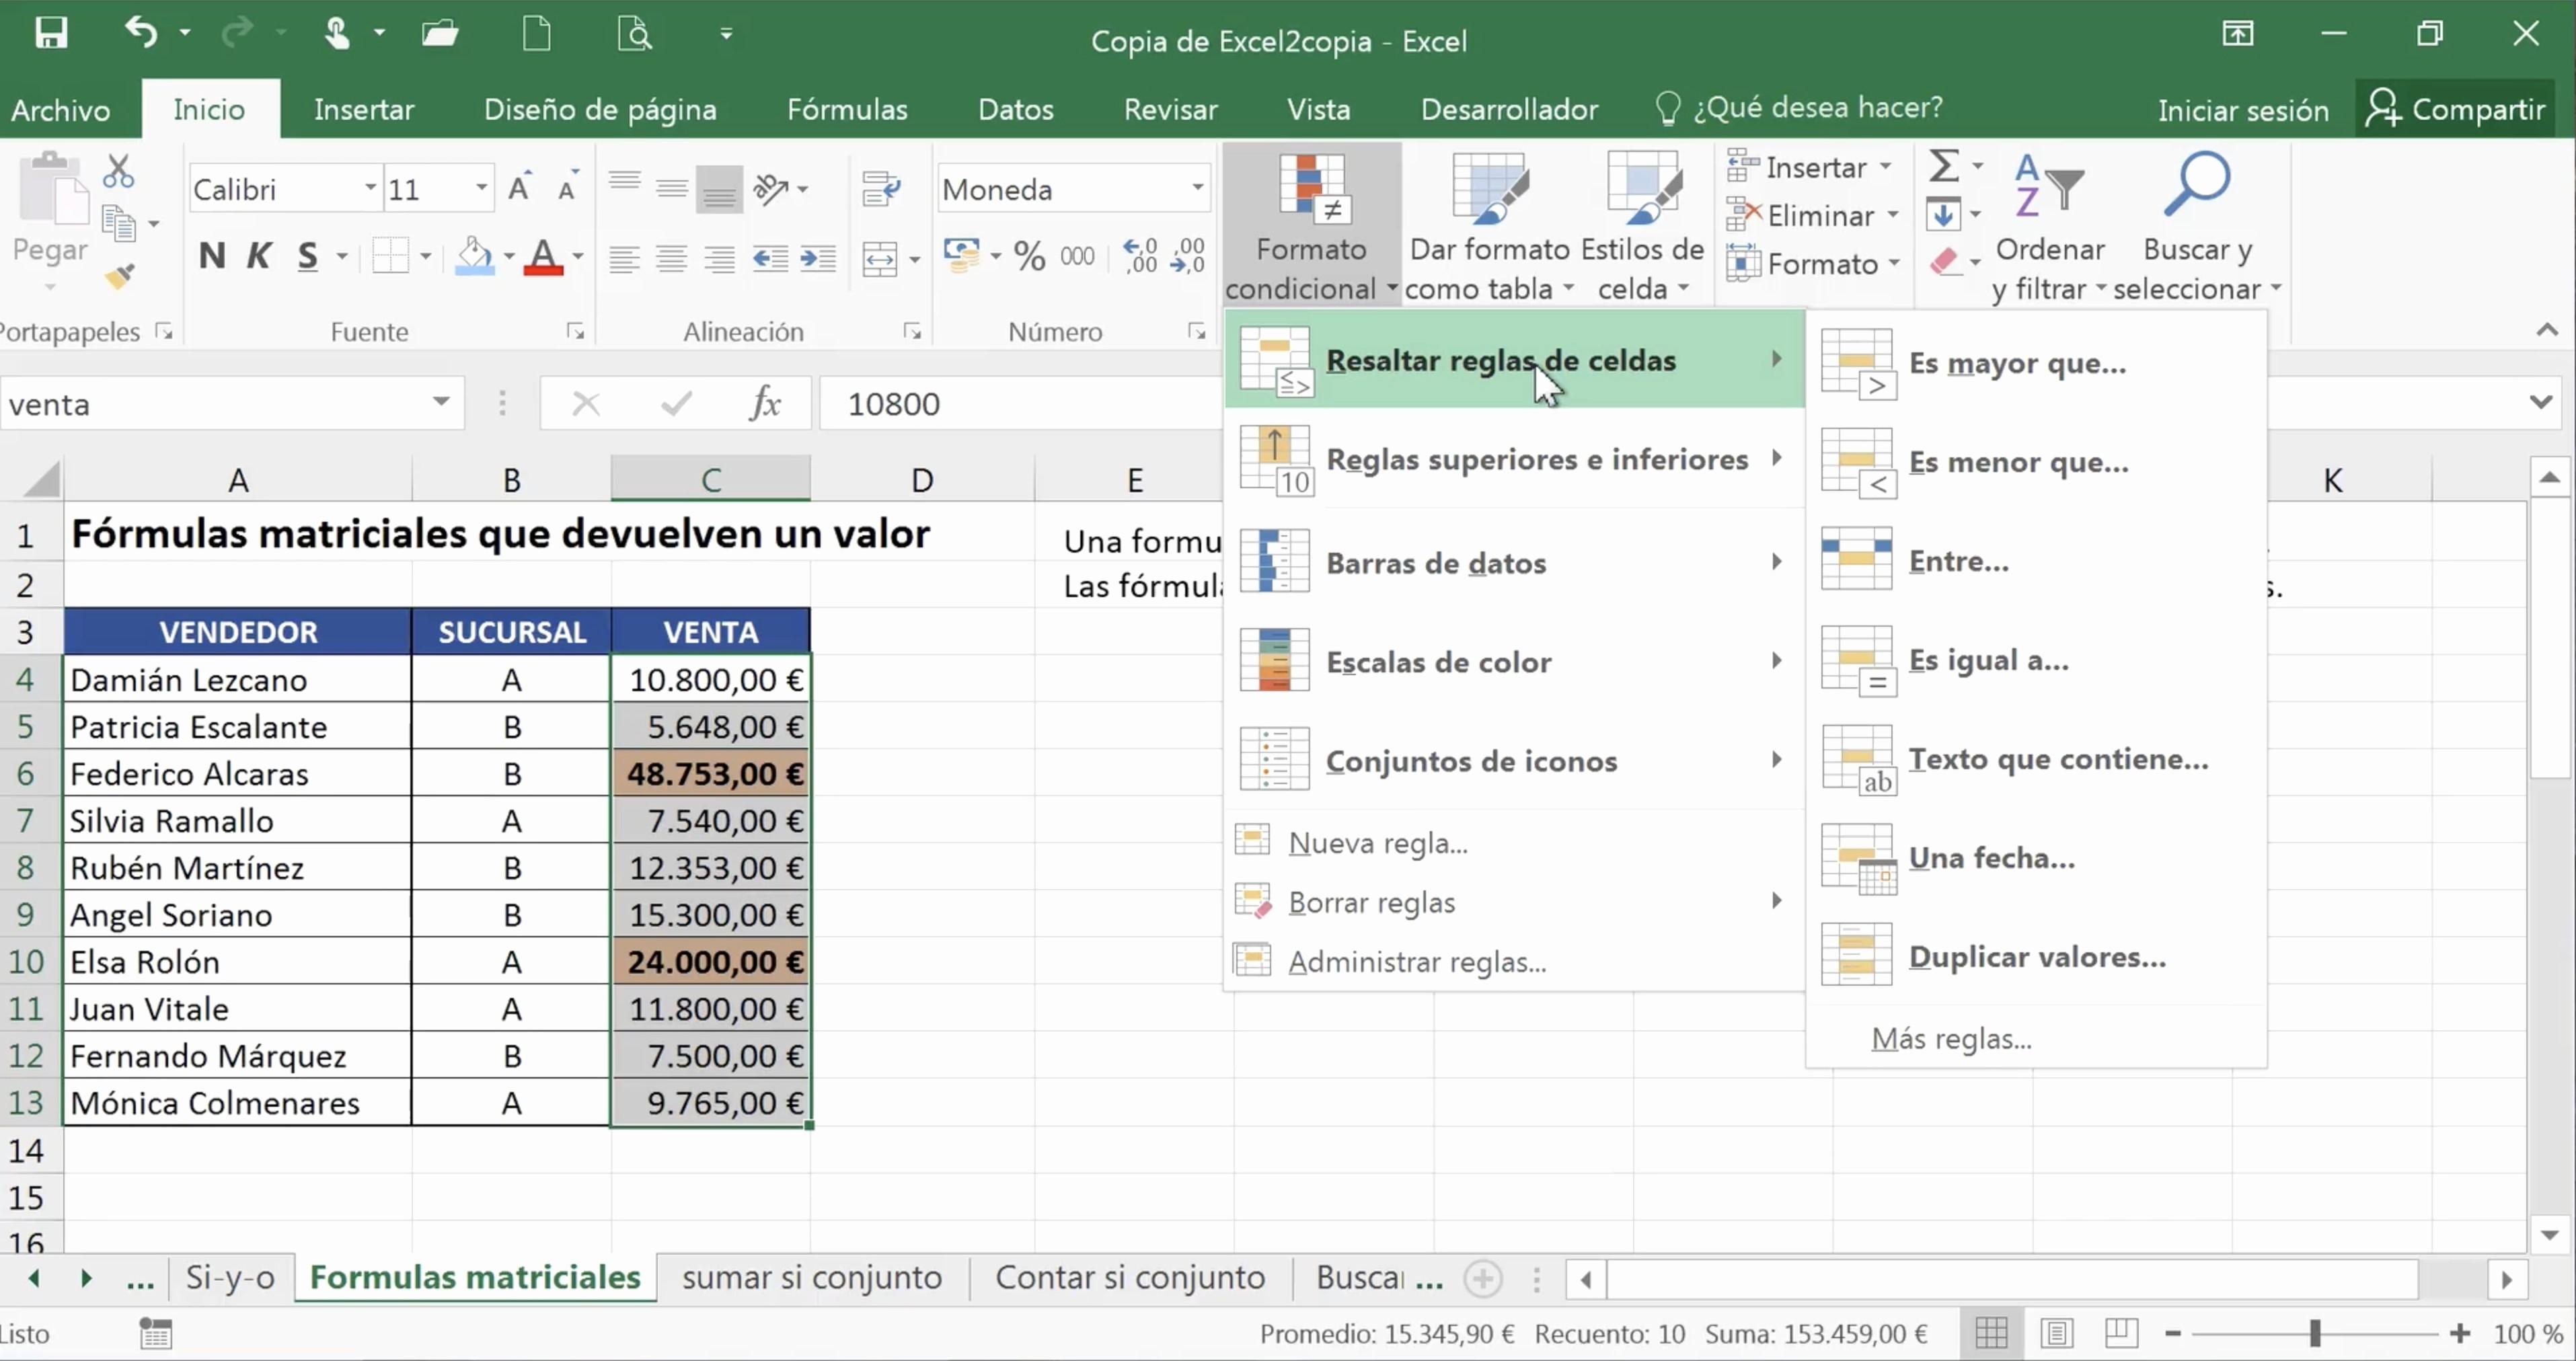 Formato De Pyg En Excel Inspirational Office 2016 Excel formato Condicional